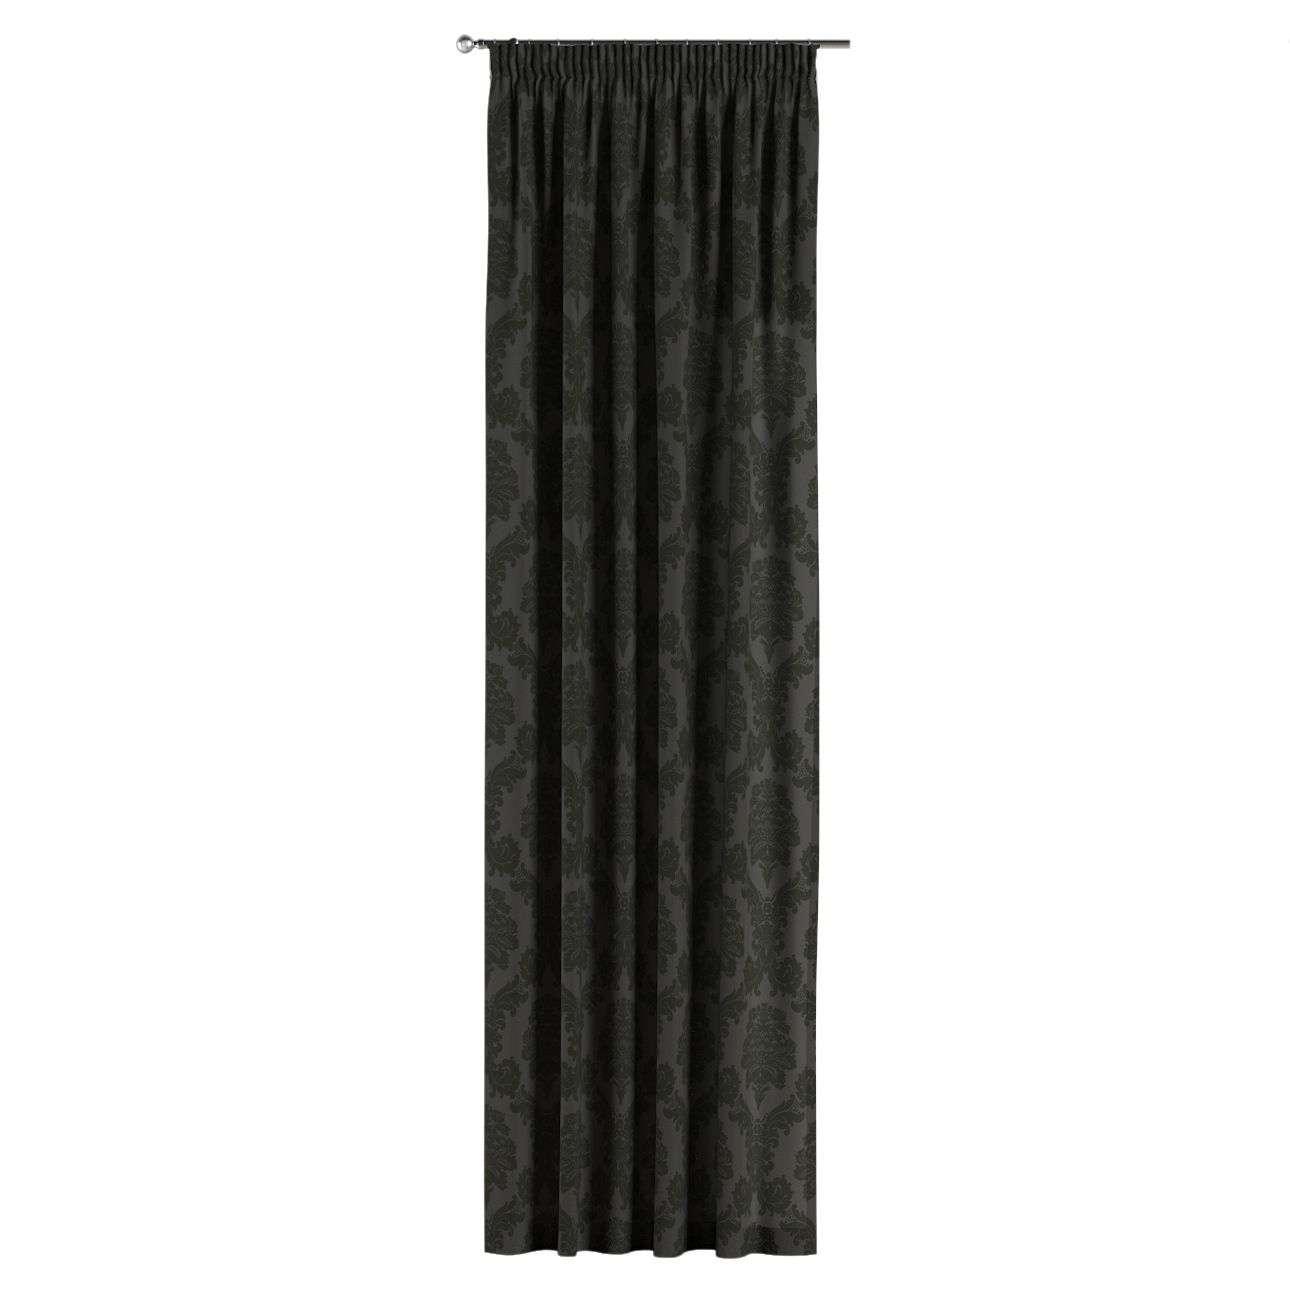 Gardin med rynkband 1 längd 130 x 260 cm i kollektionen Damasco, Tyg: 613-32